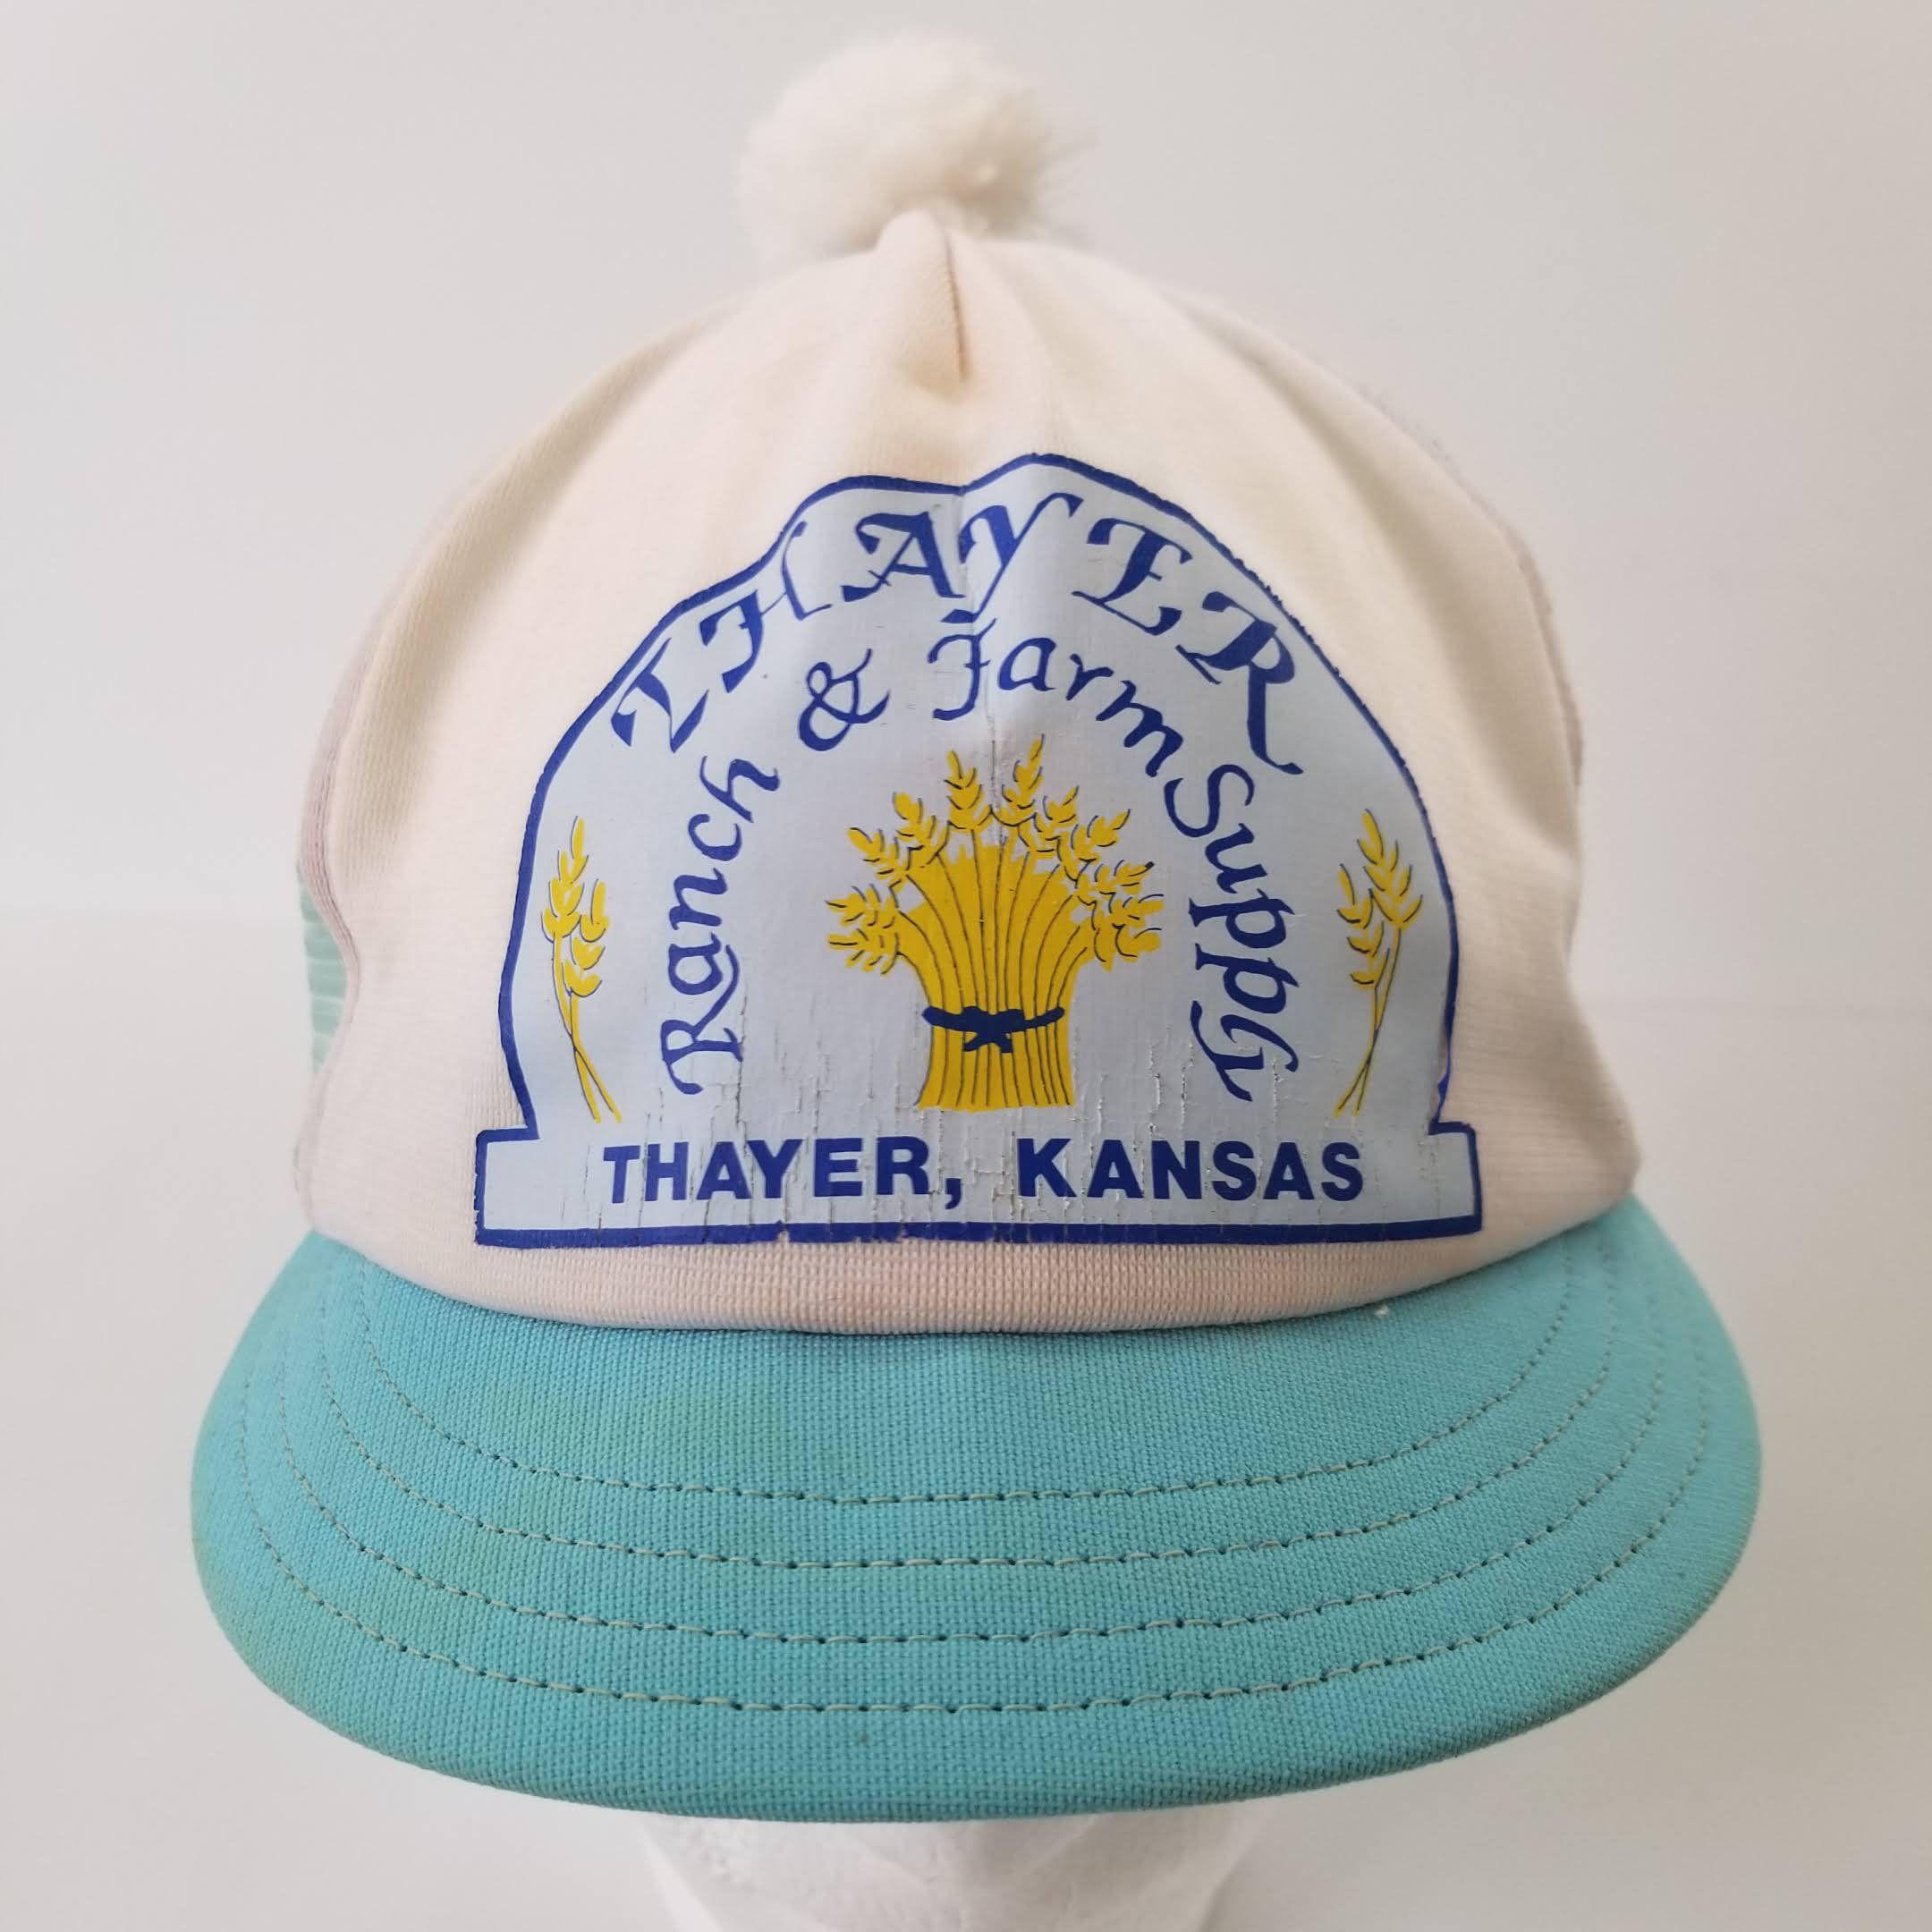 Vintage Mesh Trucker Snapback Pom Hat Short Brim Thayer Ranch Farm Supply  Kansas by TraSheeWomen on Etsy  vintage  truckerhat  mesh  pompom  thayer  ... 227ae079730